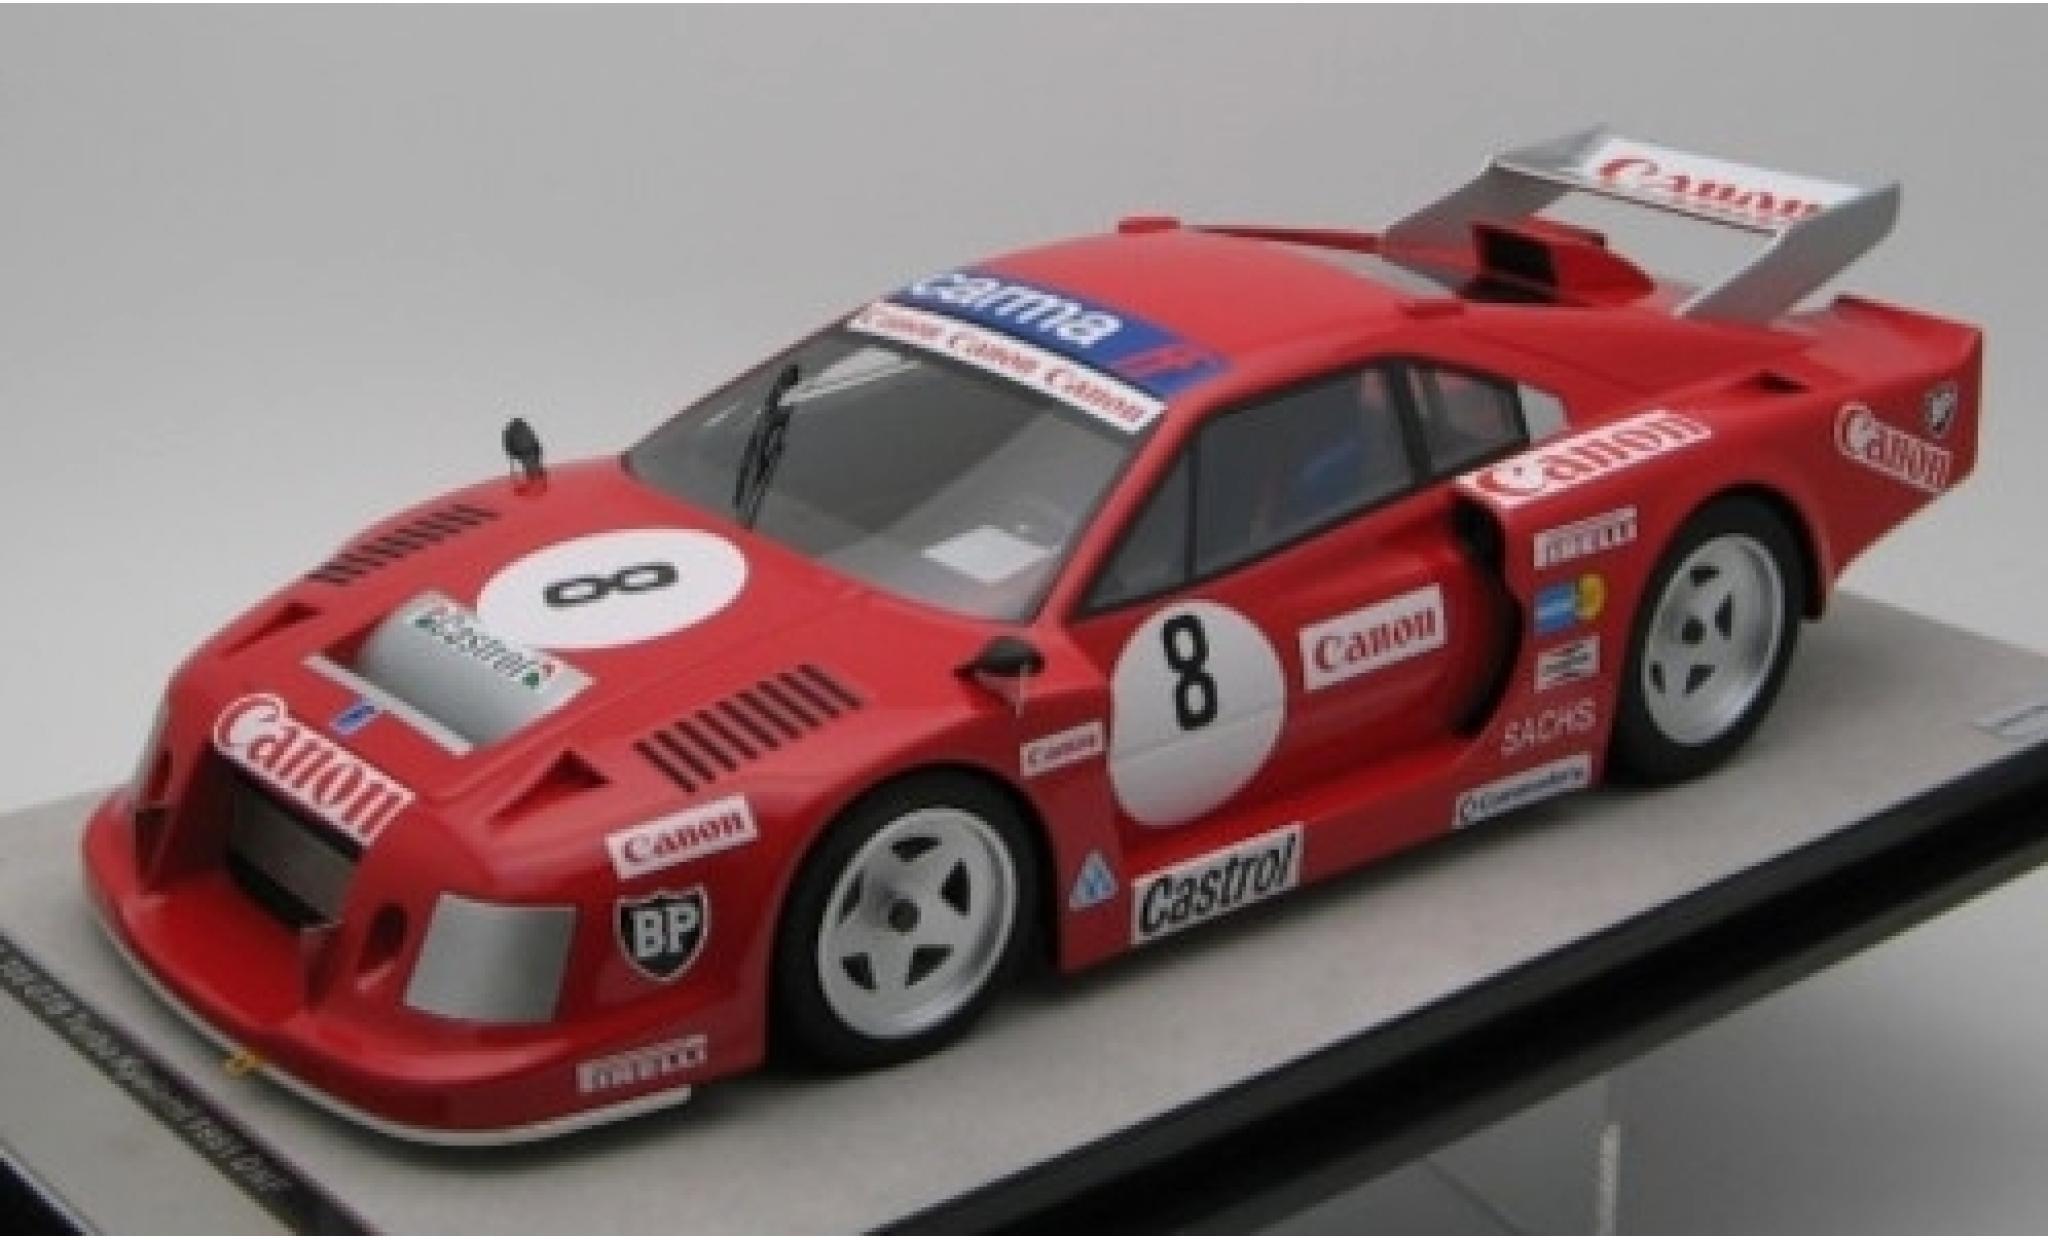 Ferrari 308 1/18 Tecnomodel GTB Turbo No.8 Team Carma FF / Achilli Motors Canon 9h Kyalami 1981 C.Facetti/M.Finotto